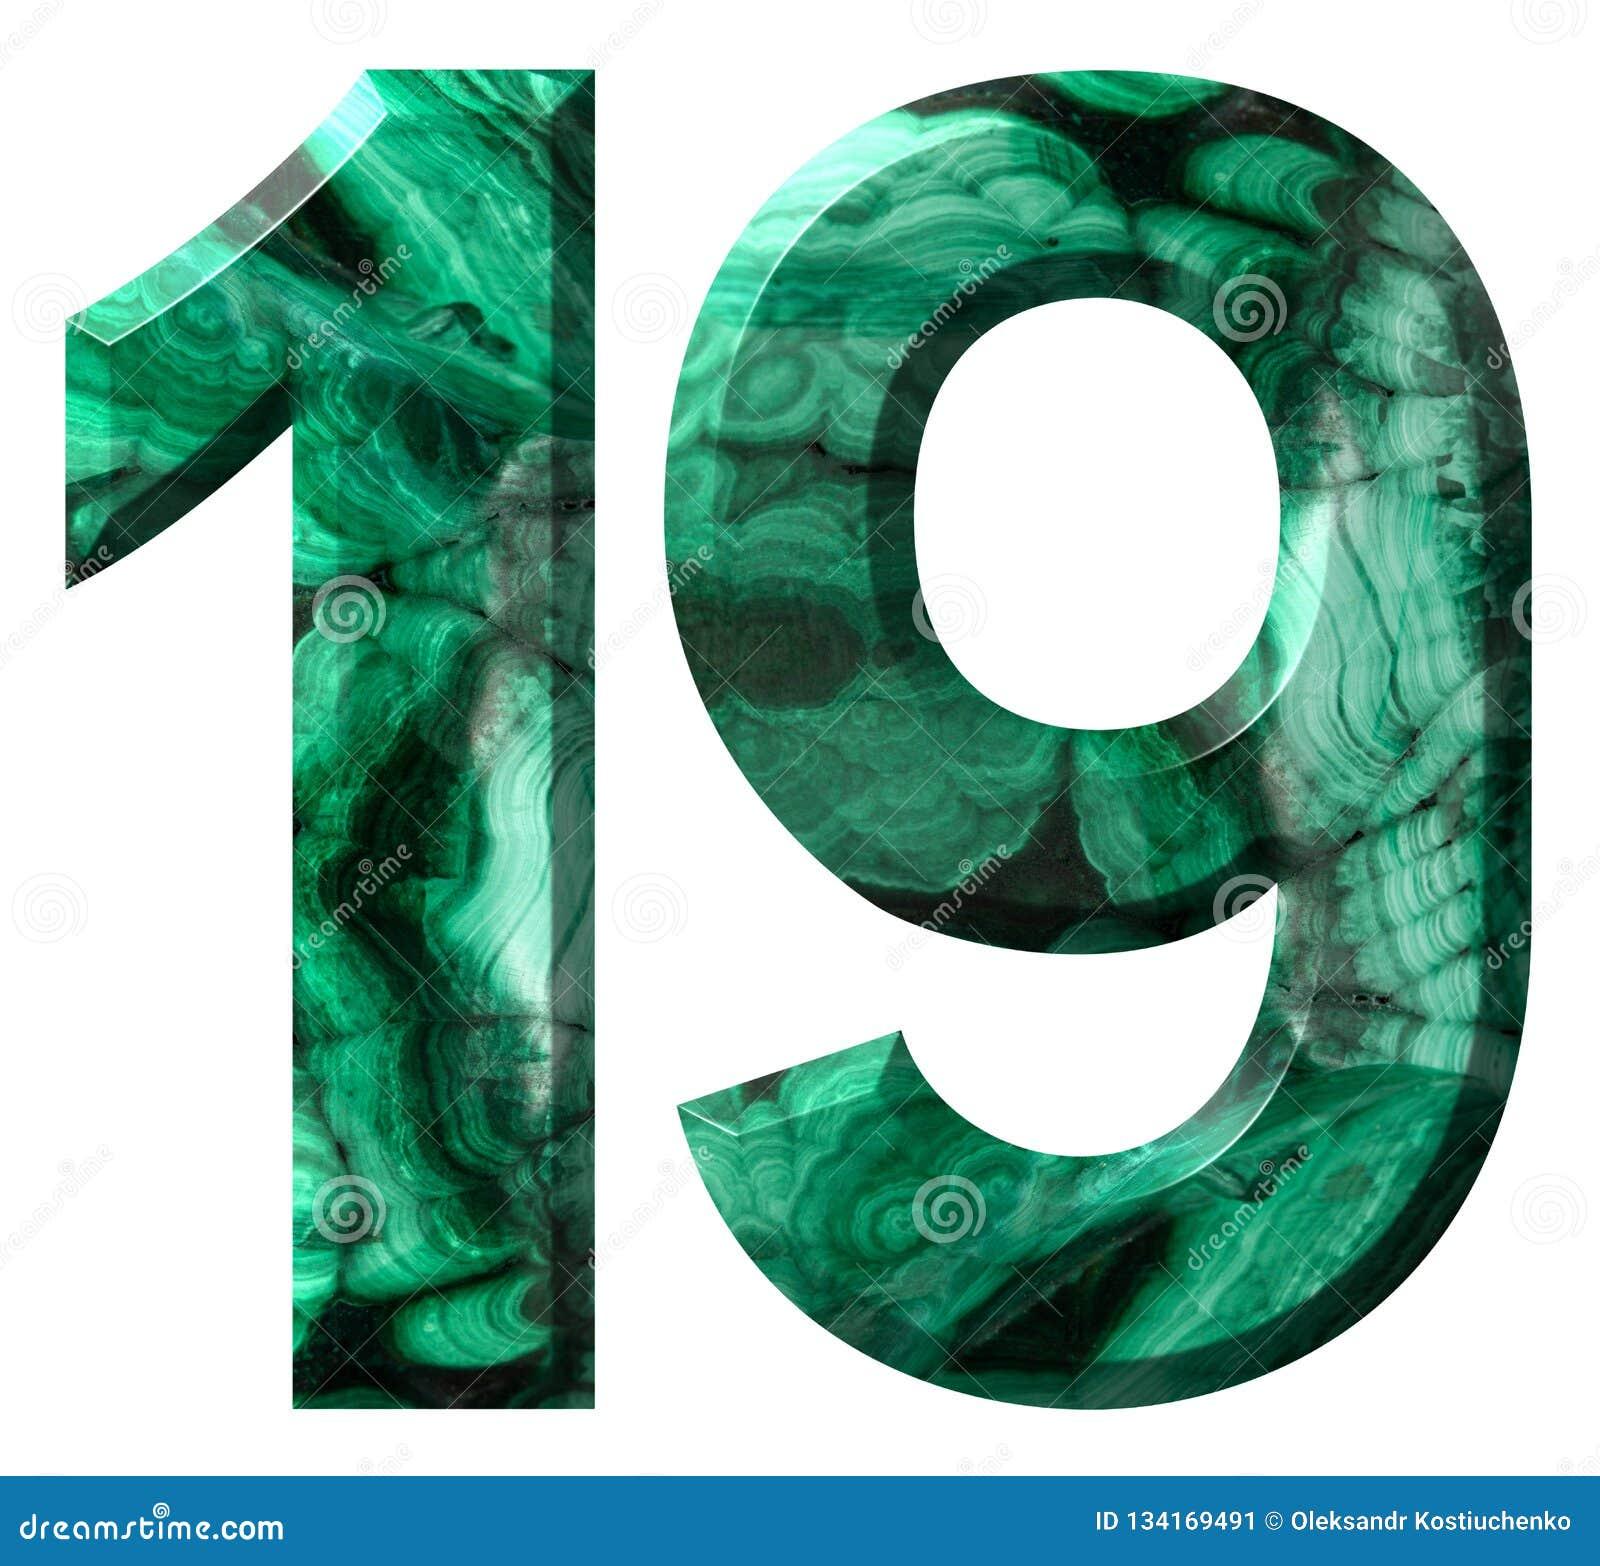 阿拉伯数字19,十九,从自然绿色绿沸铜,隔绝在白色背景